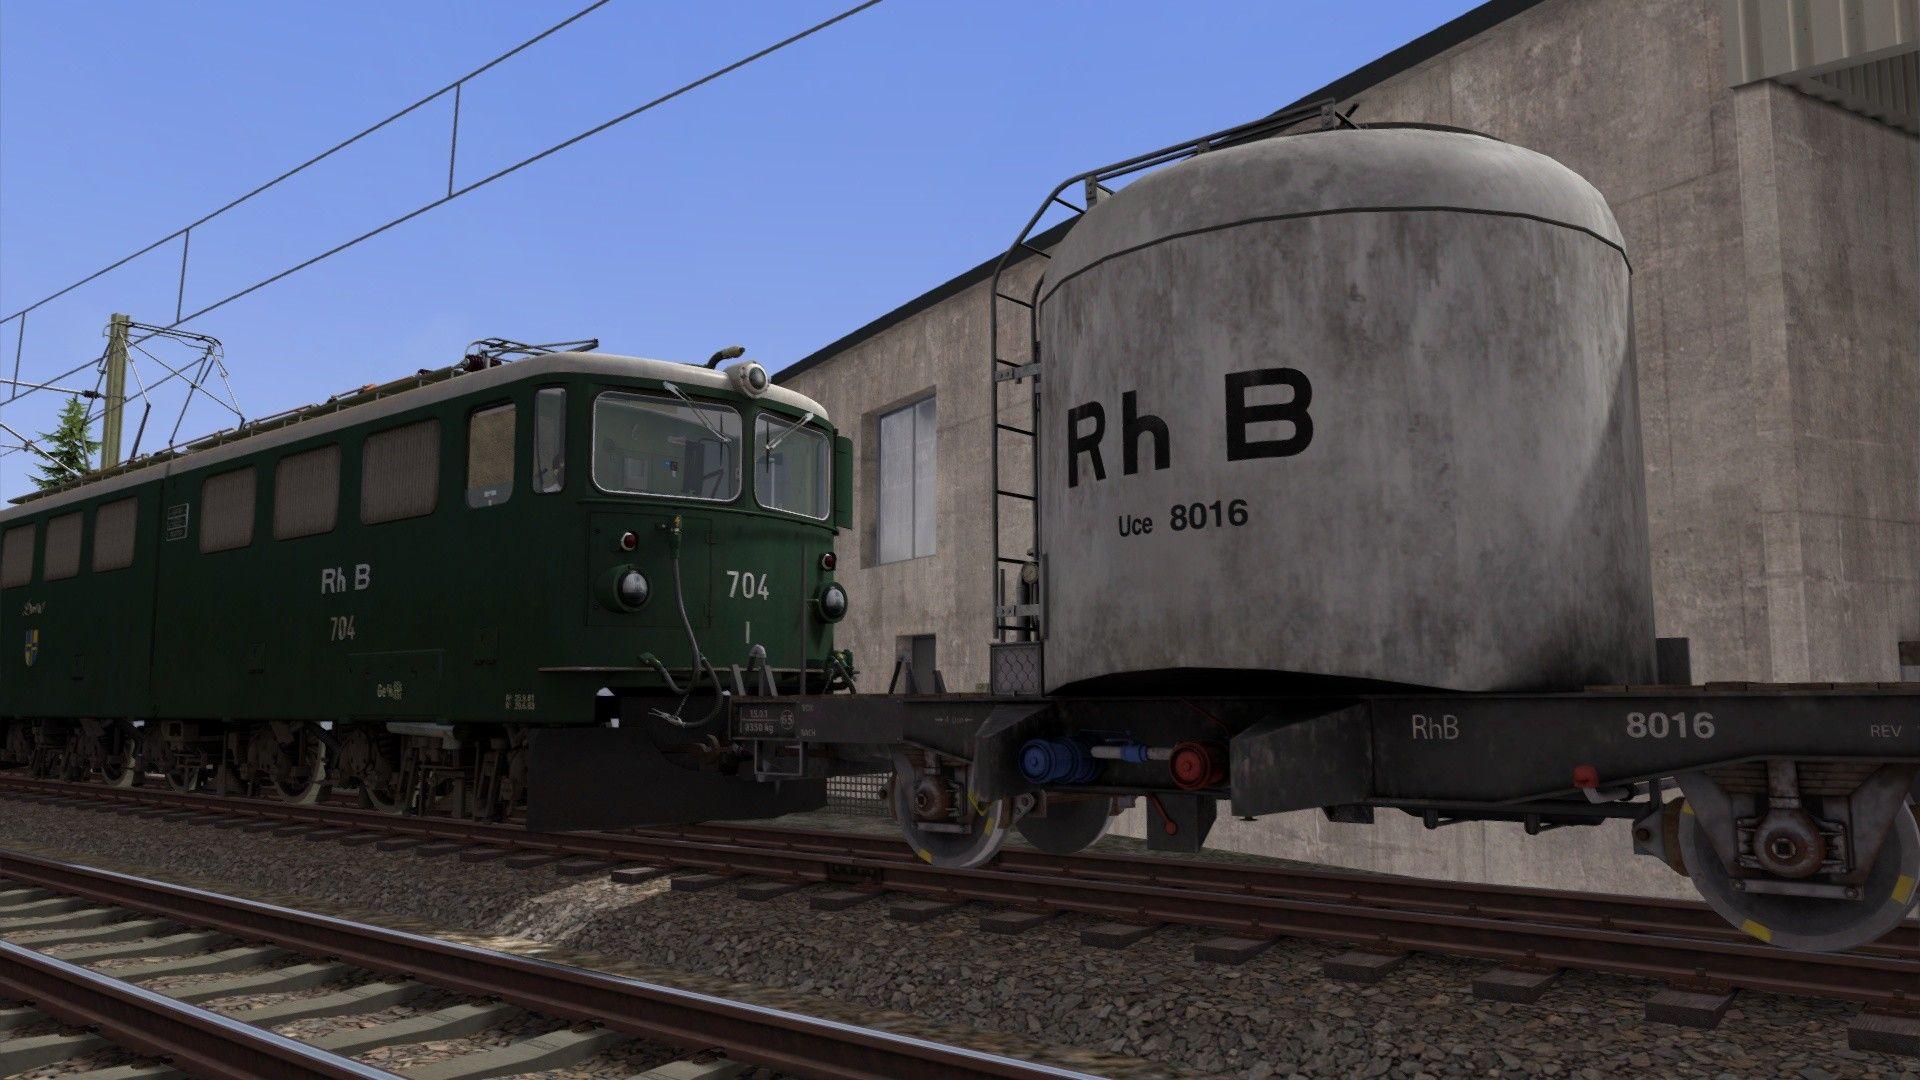 RHB053.jpg